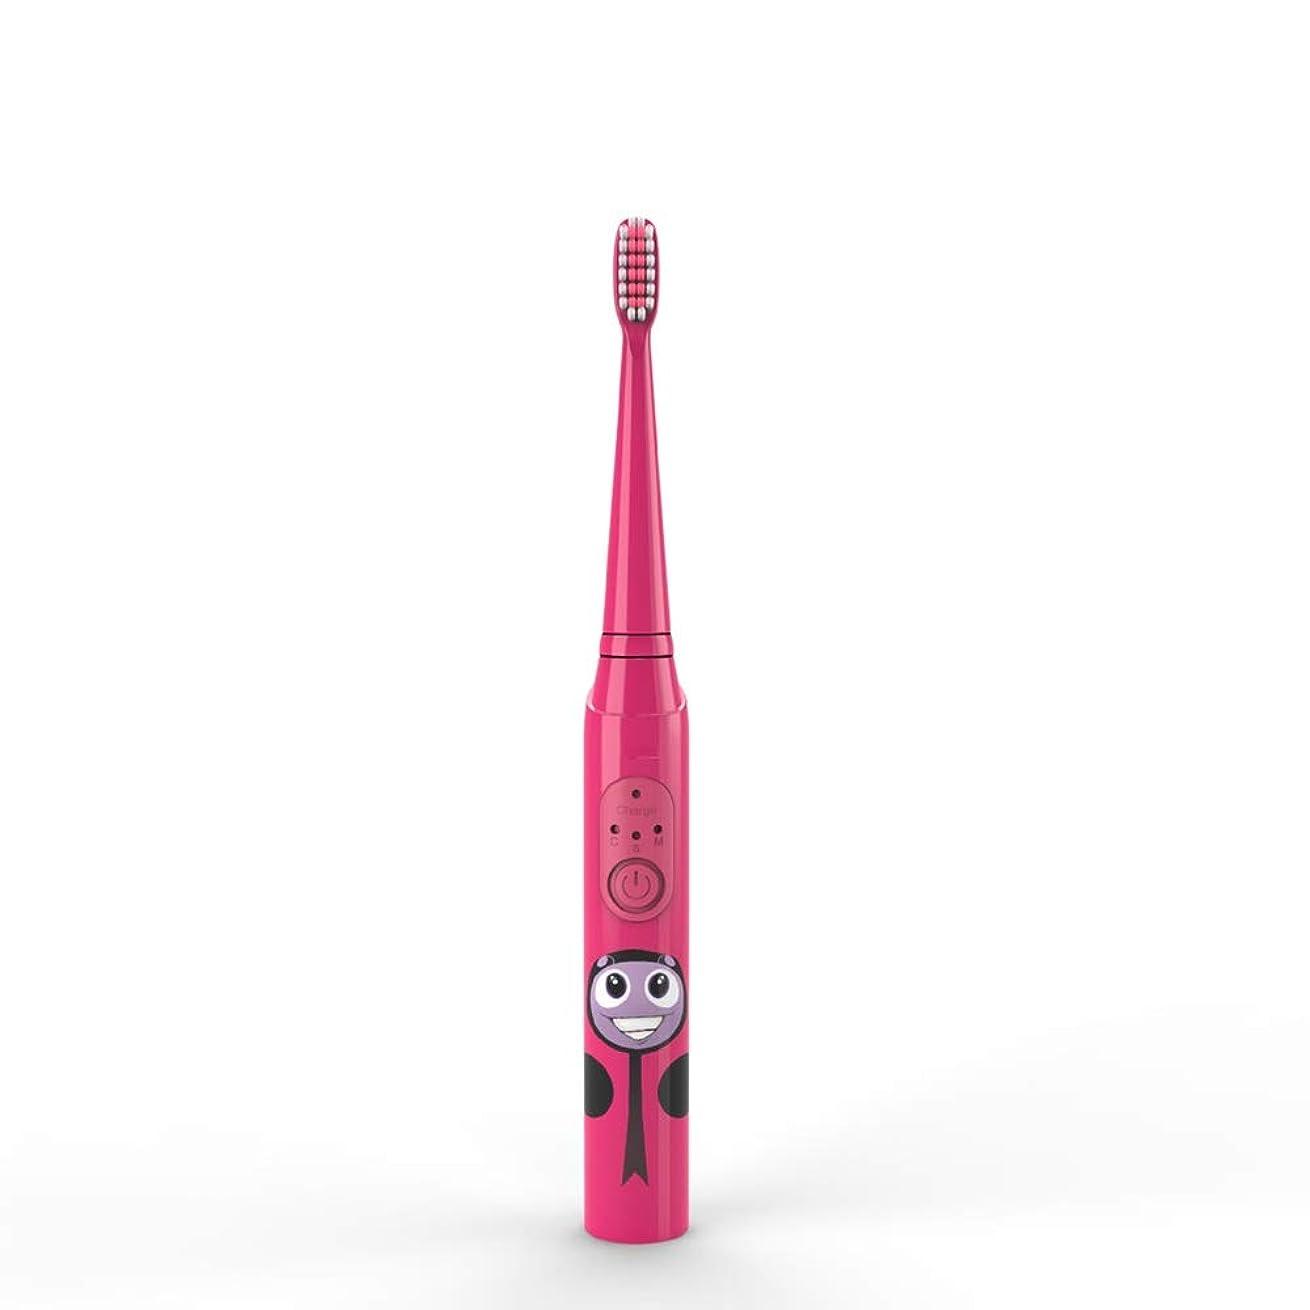 推定心配誤子供の電動歯ブラシUSB充電式保護清潔で柔らかい毛の歯ブラシ (色 : 赤, サイズ : Free size)